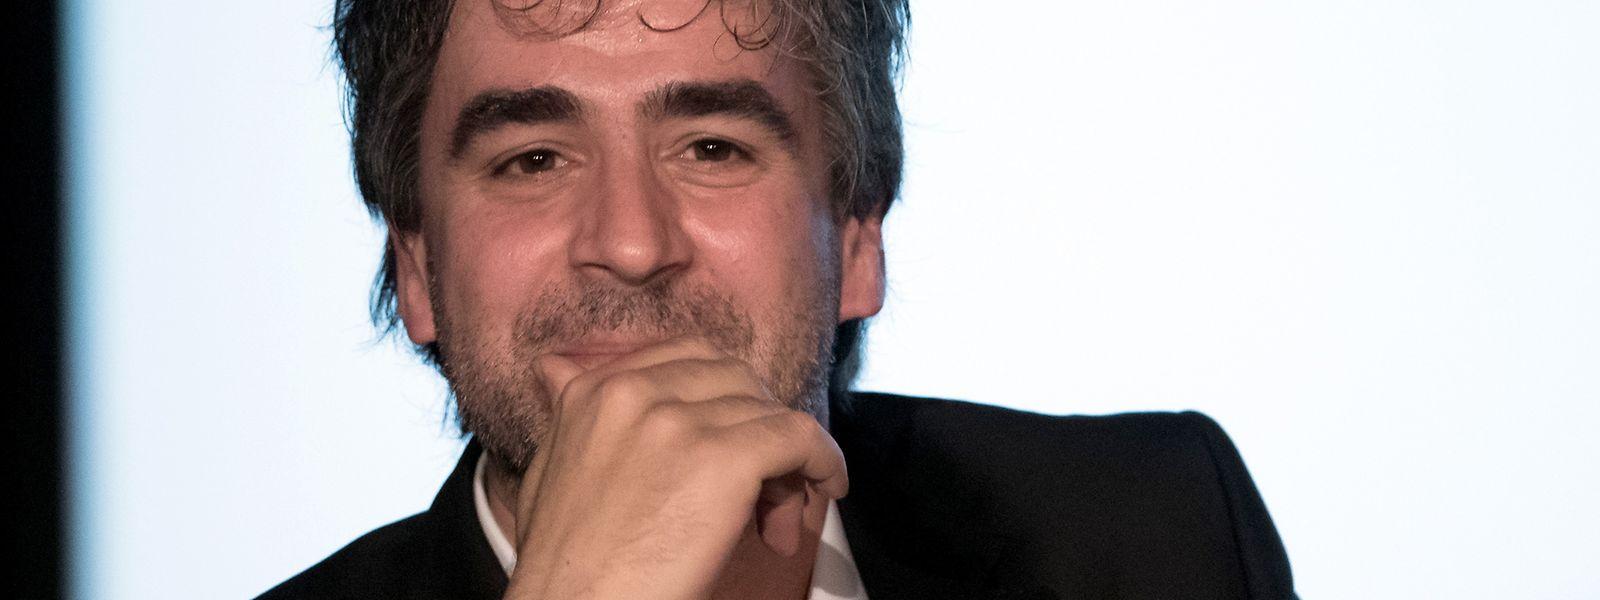 Der Journalist Deniz Yücel war ein Jahr in der Türkei inhaftiert.